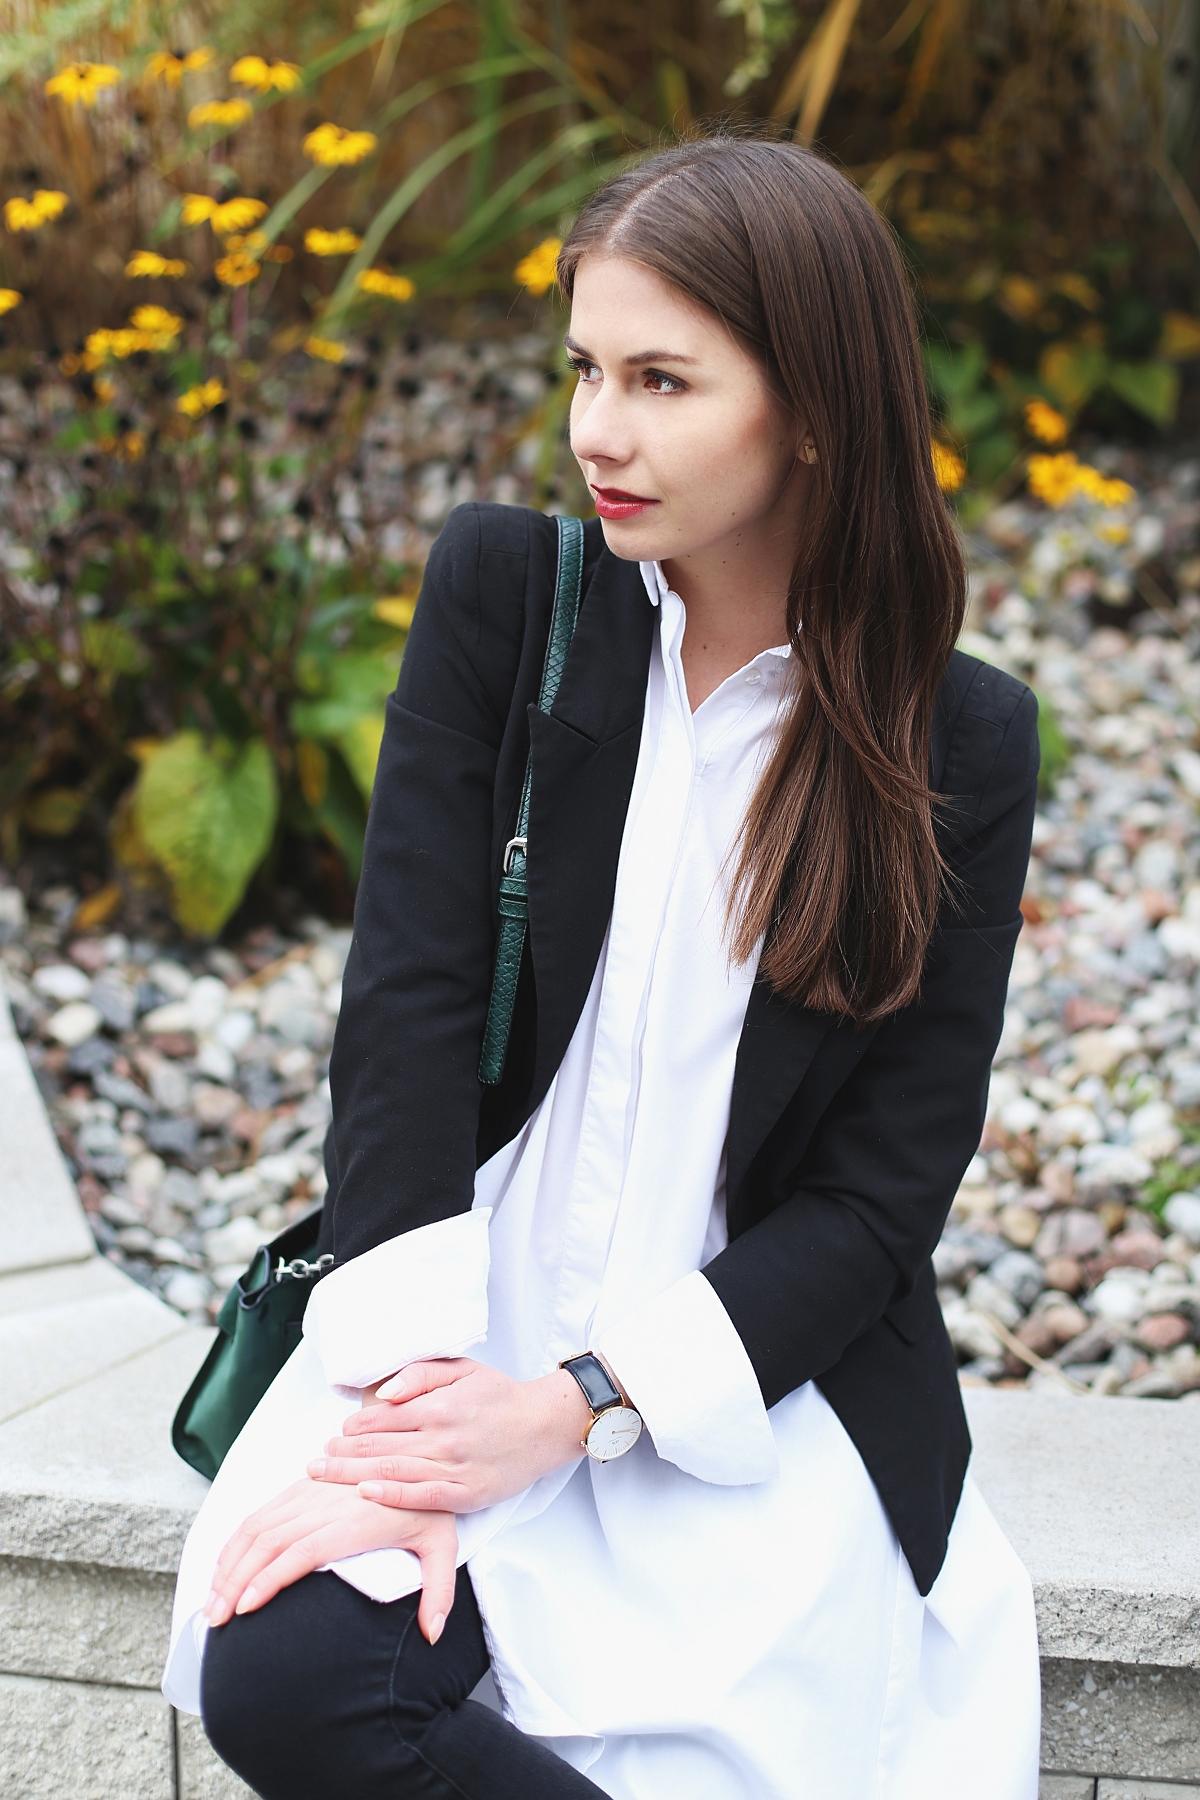 Biała przedłużana koszula - minimalizm